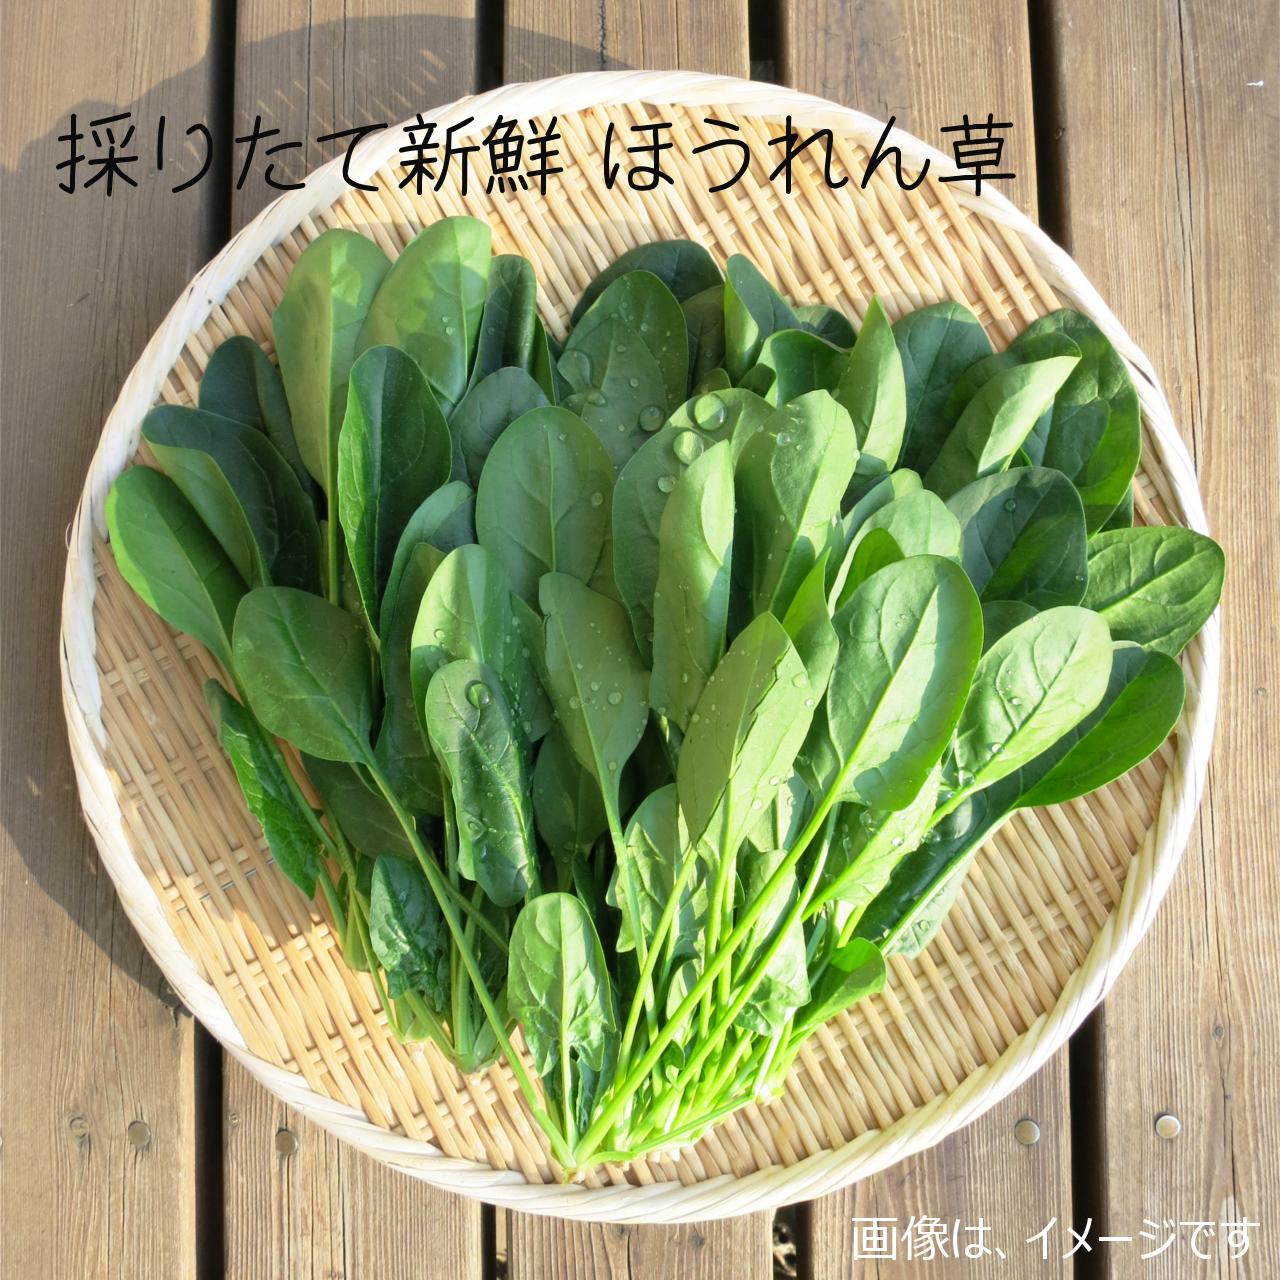 9月の朝採り直売野菜 : ホウレンソウ 約400g 新鮮な秋野菜 9月14日発送予定